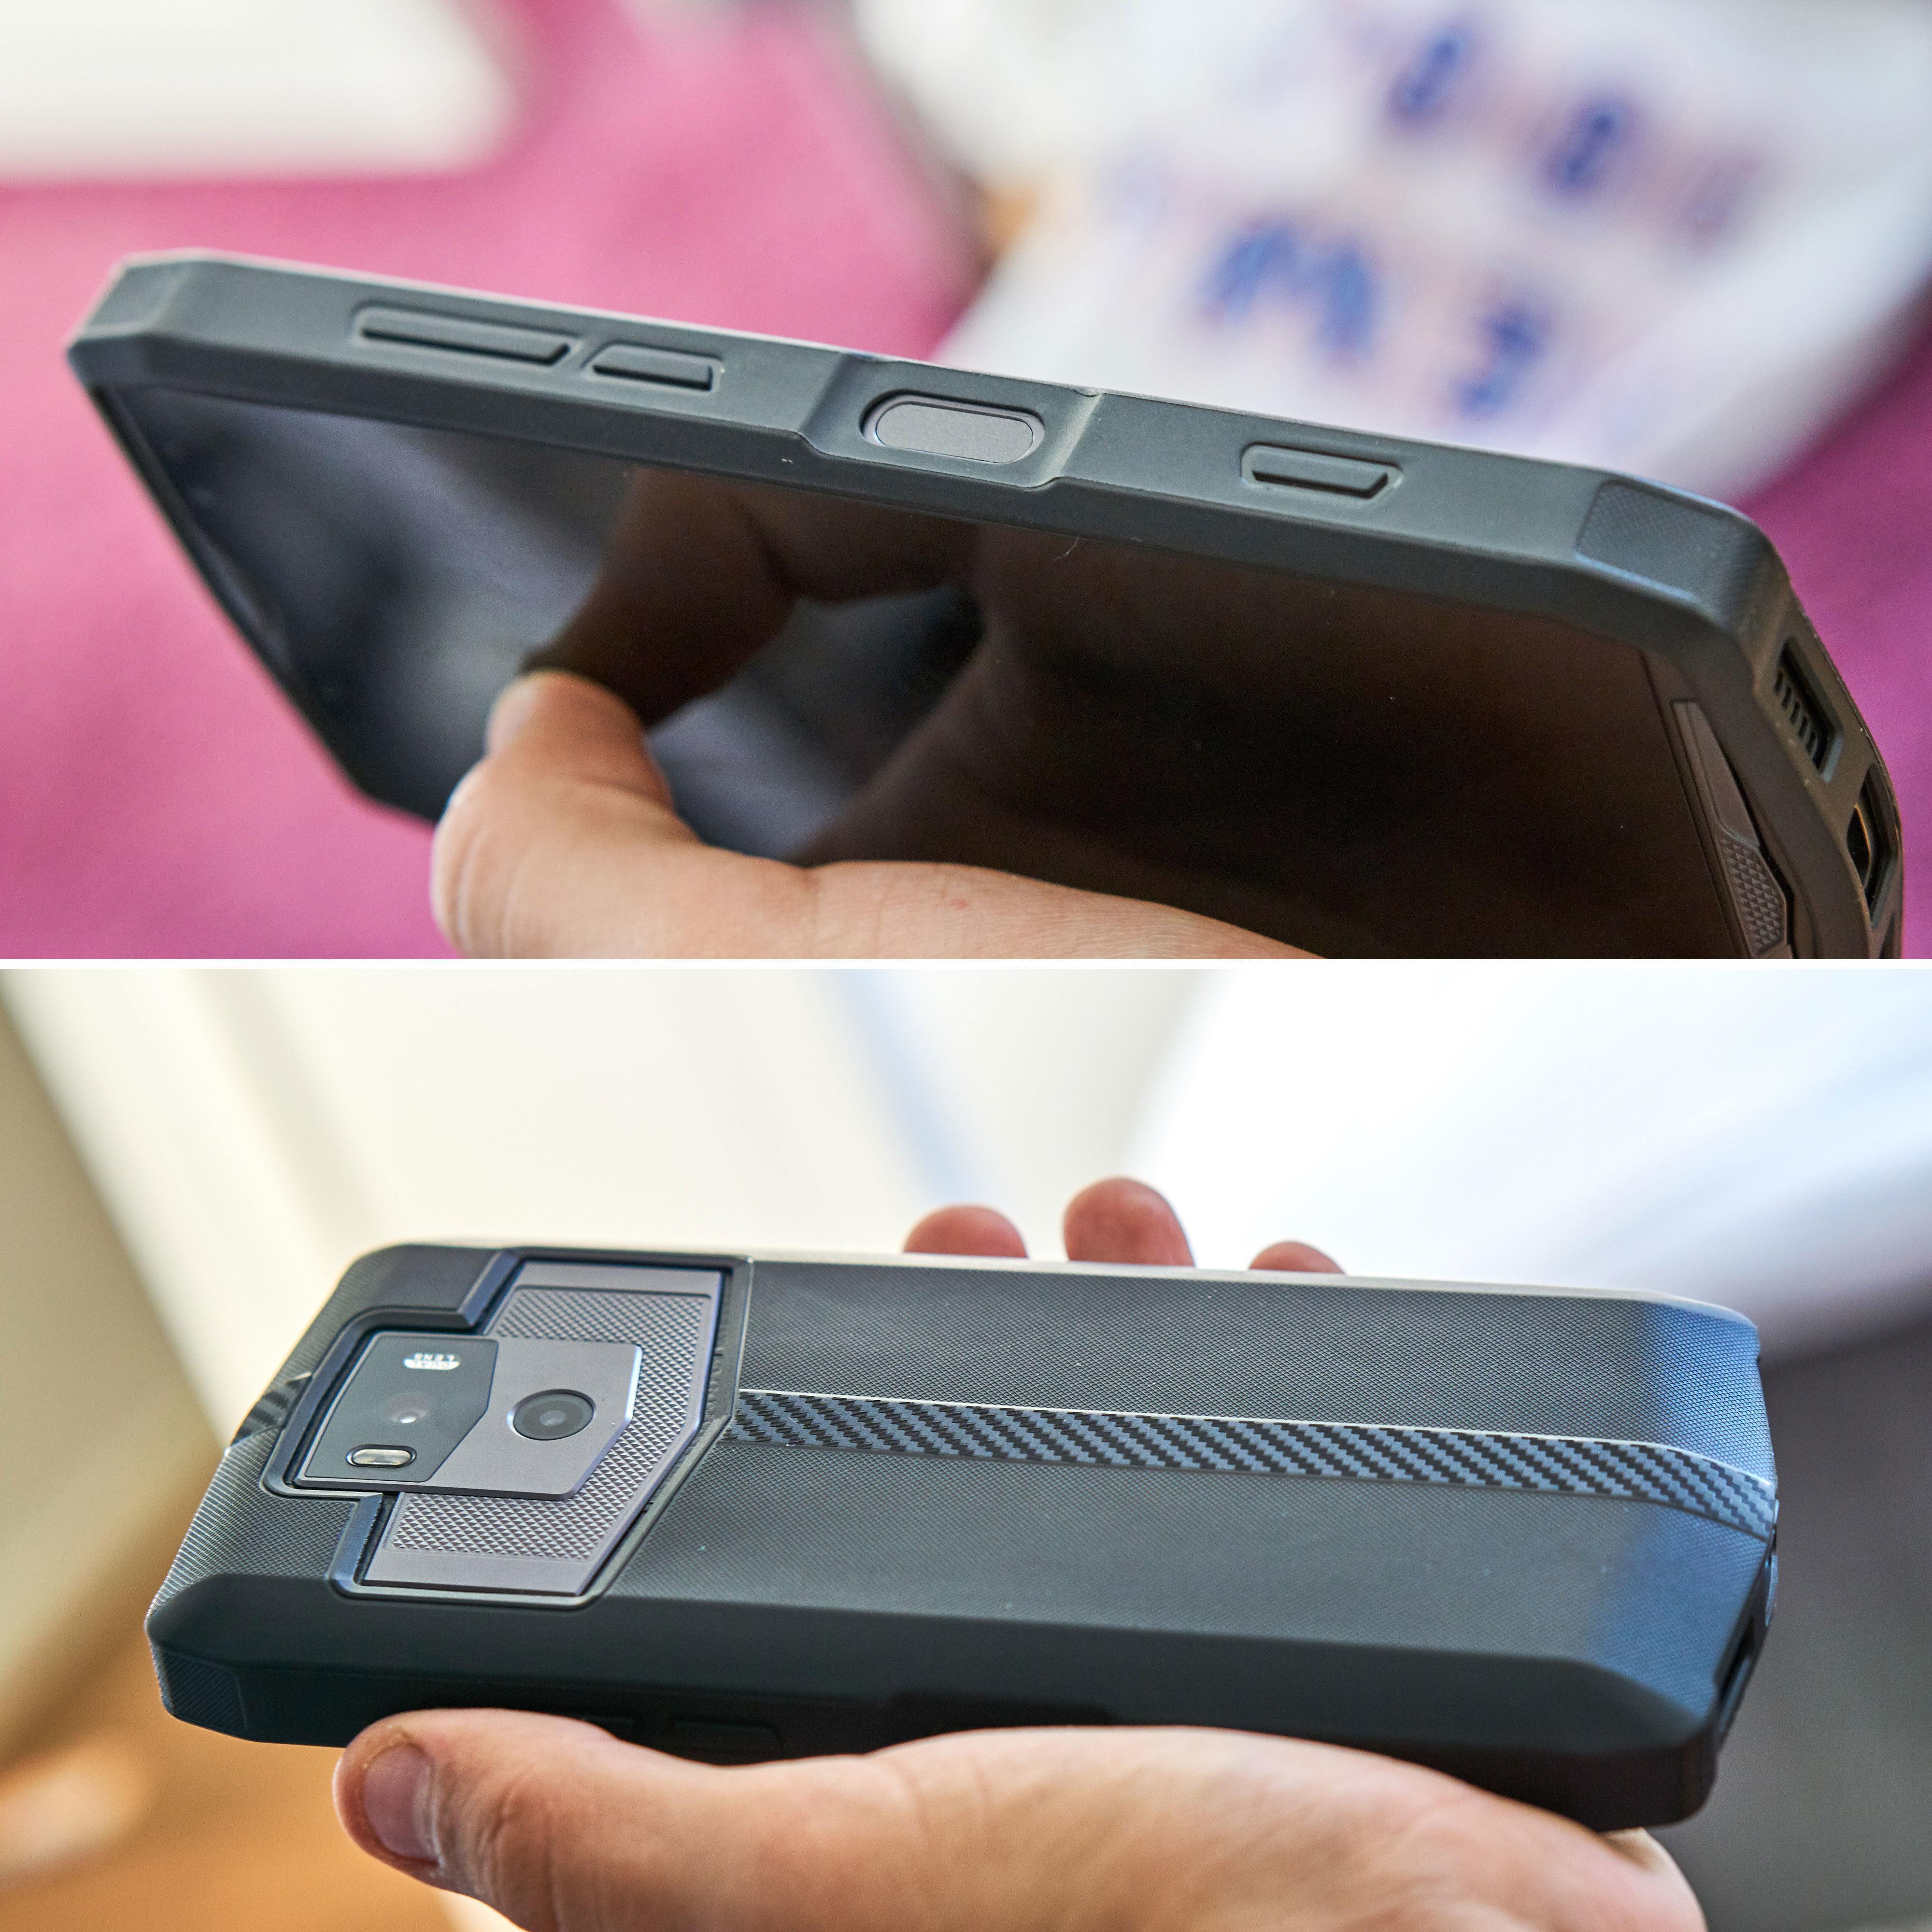 Det medfølgende gummidekselet gjør den massive telefonen enda mer massiv.